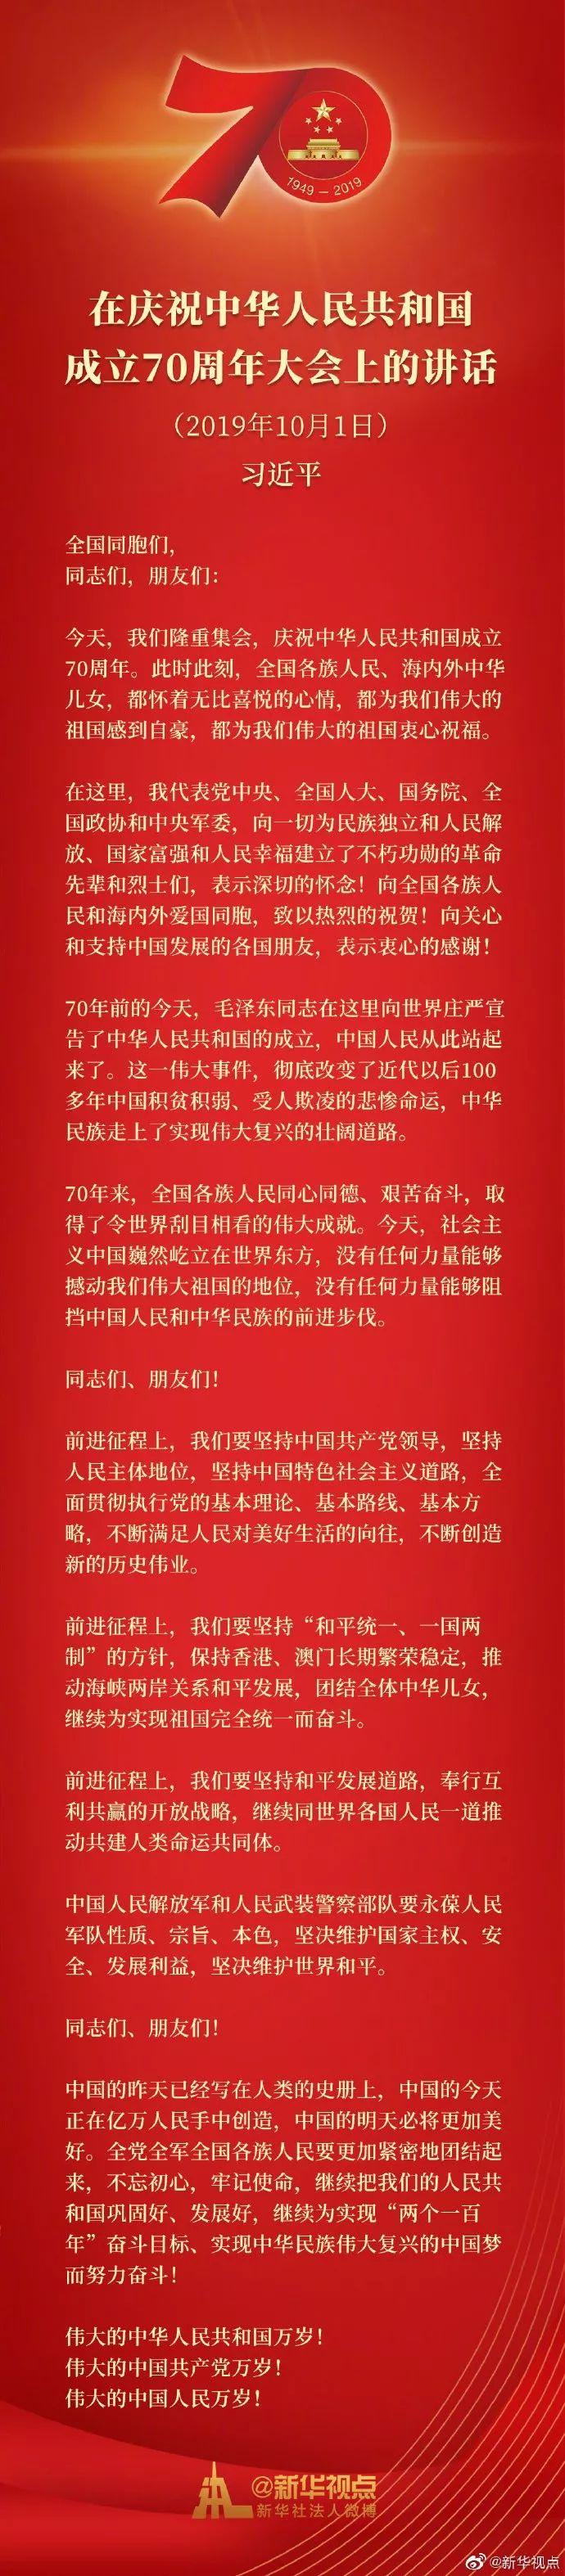 习近平:没有任何力量能够阻挡中国人民和中华民族的前进步伐